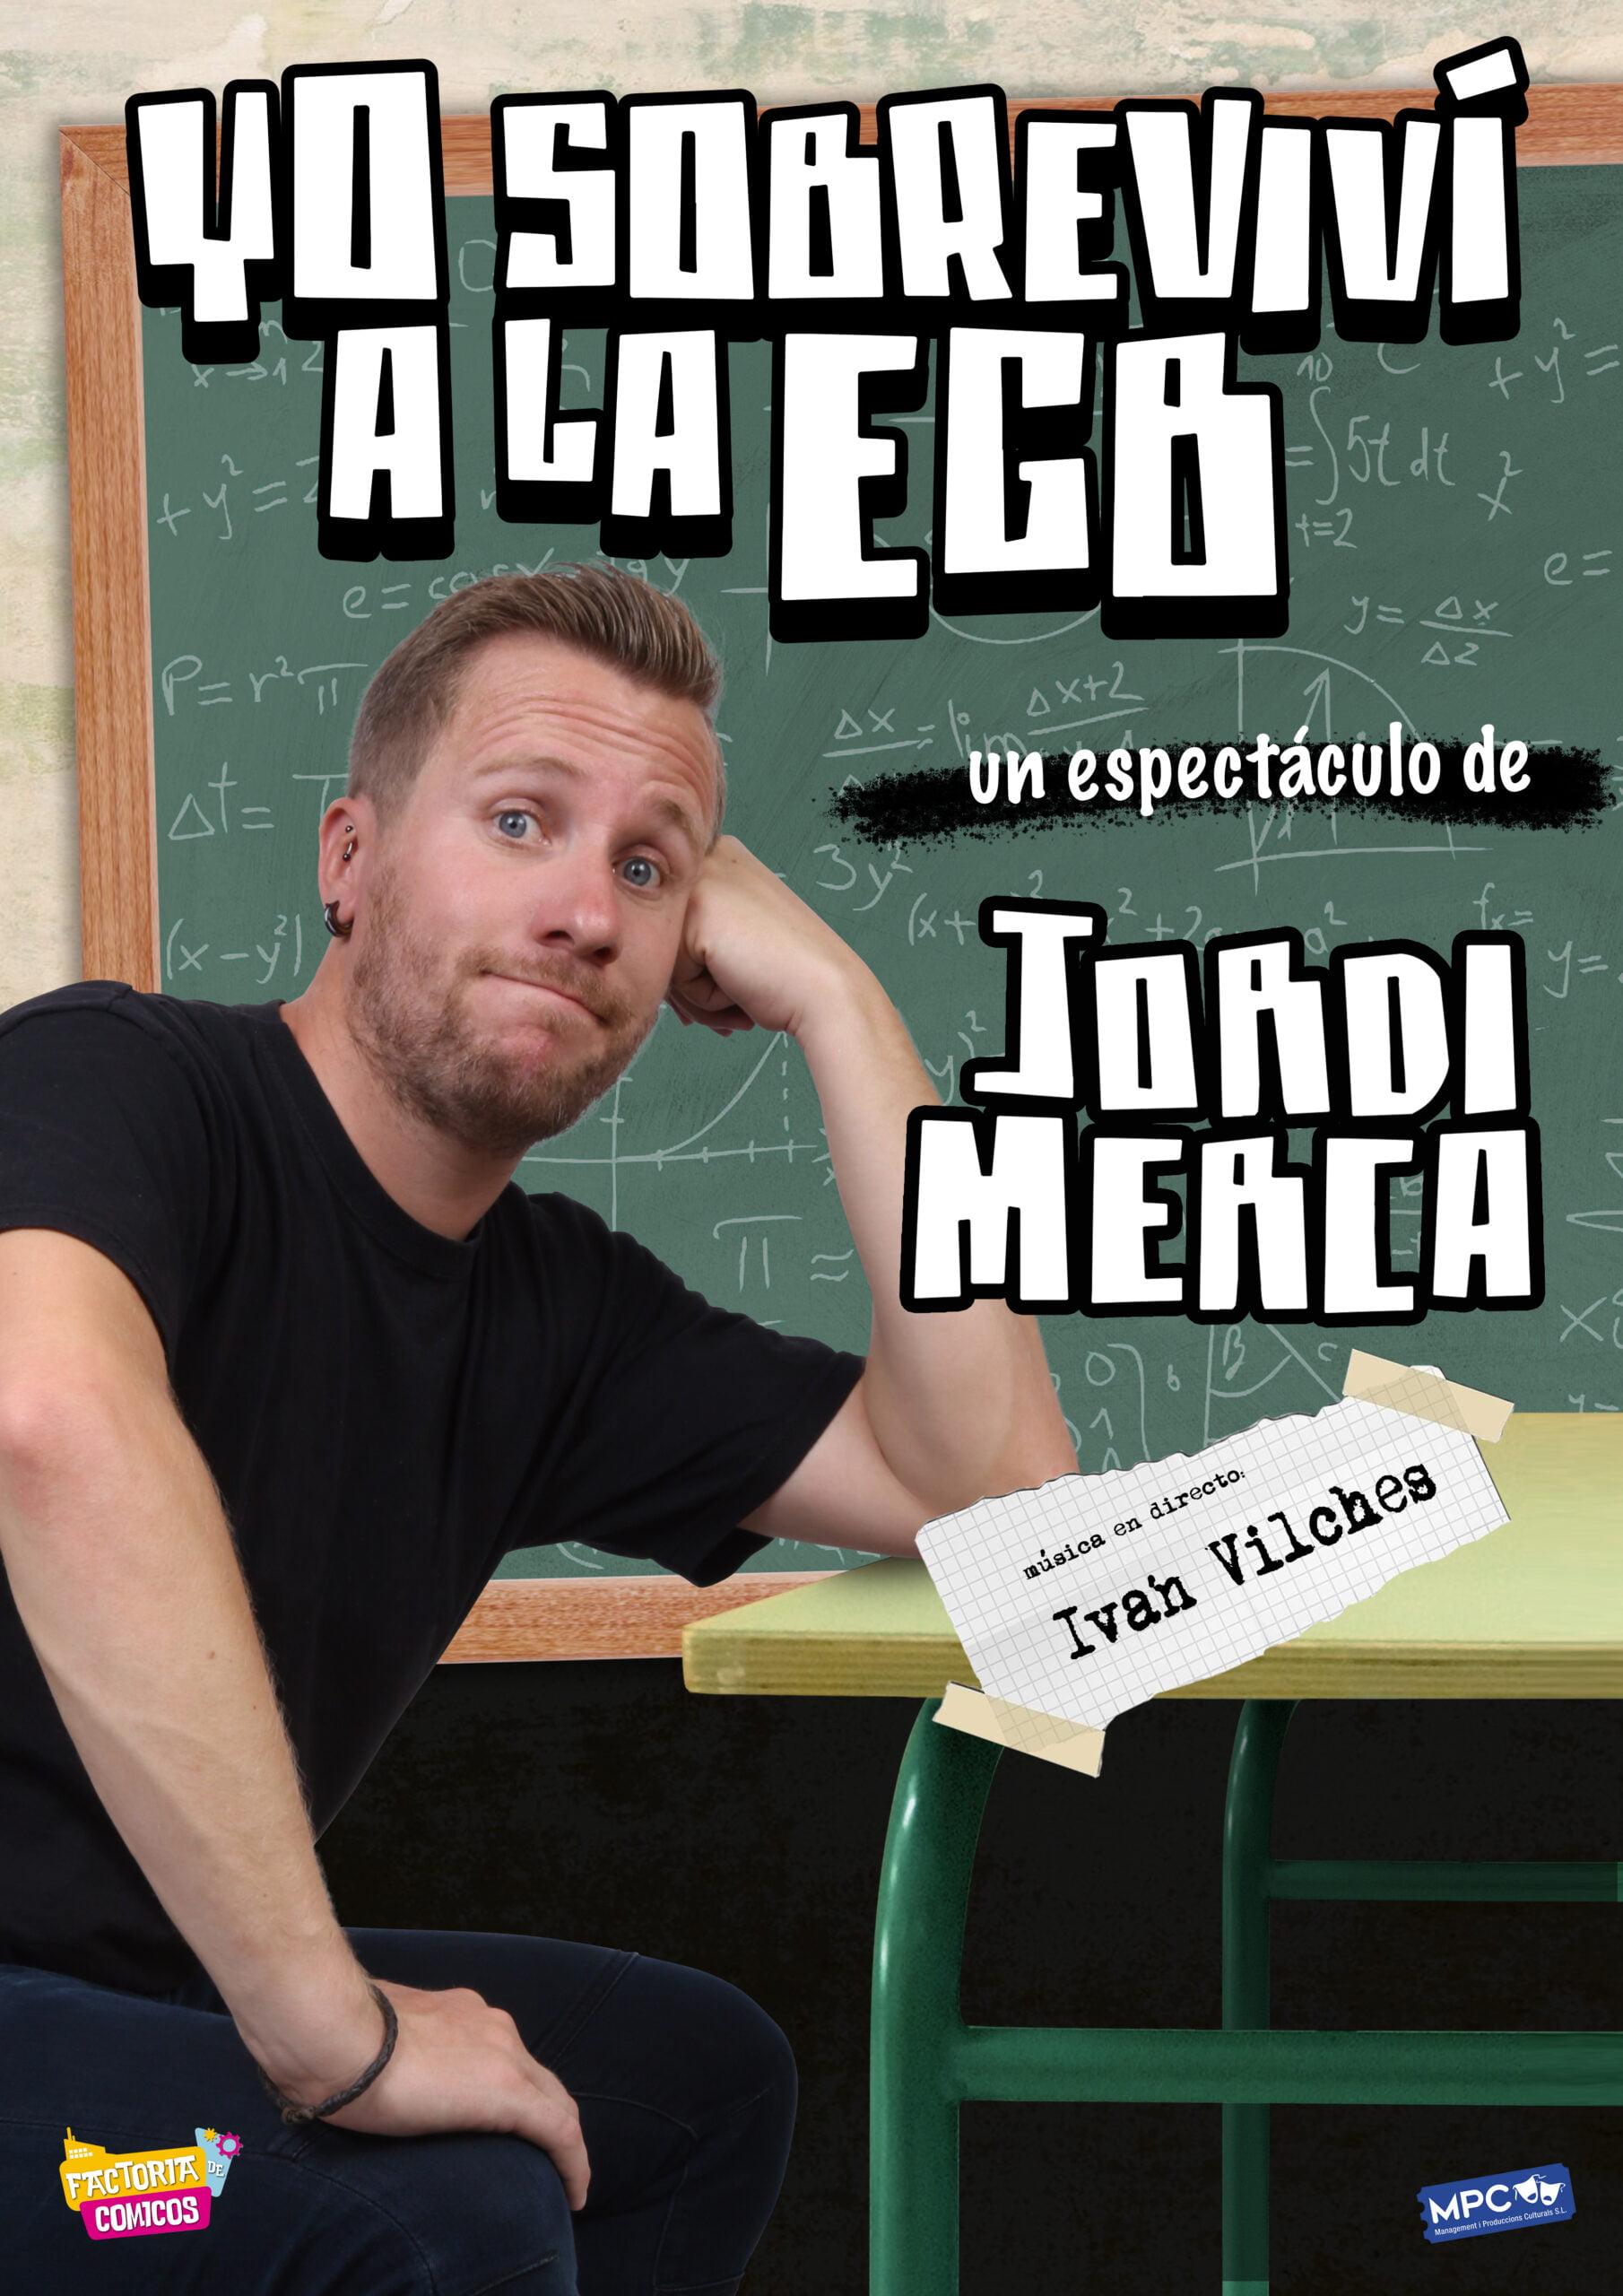 Yo Sobreviví a la EGB, un espectáculo de Jordi Merca - A3 YoSobreviviAlaEGB scaled